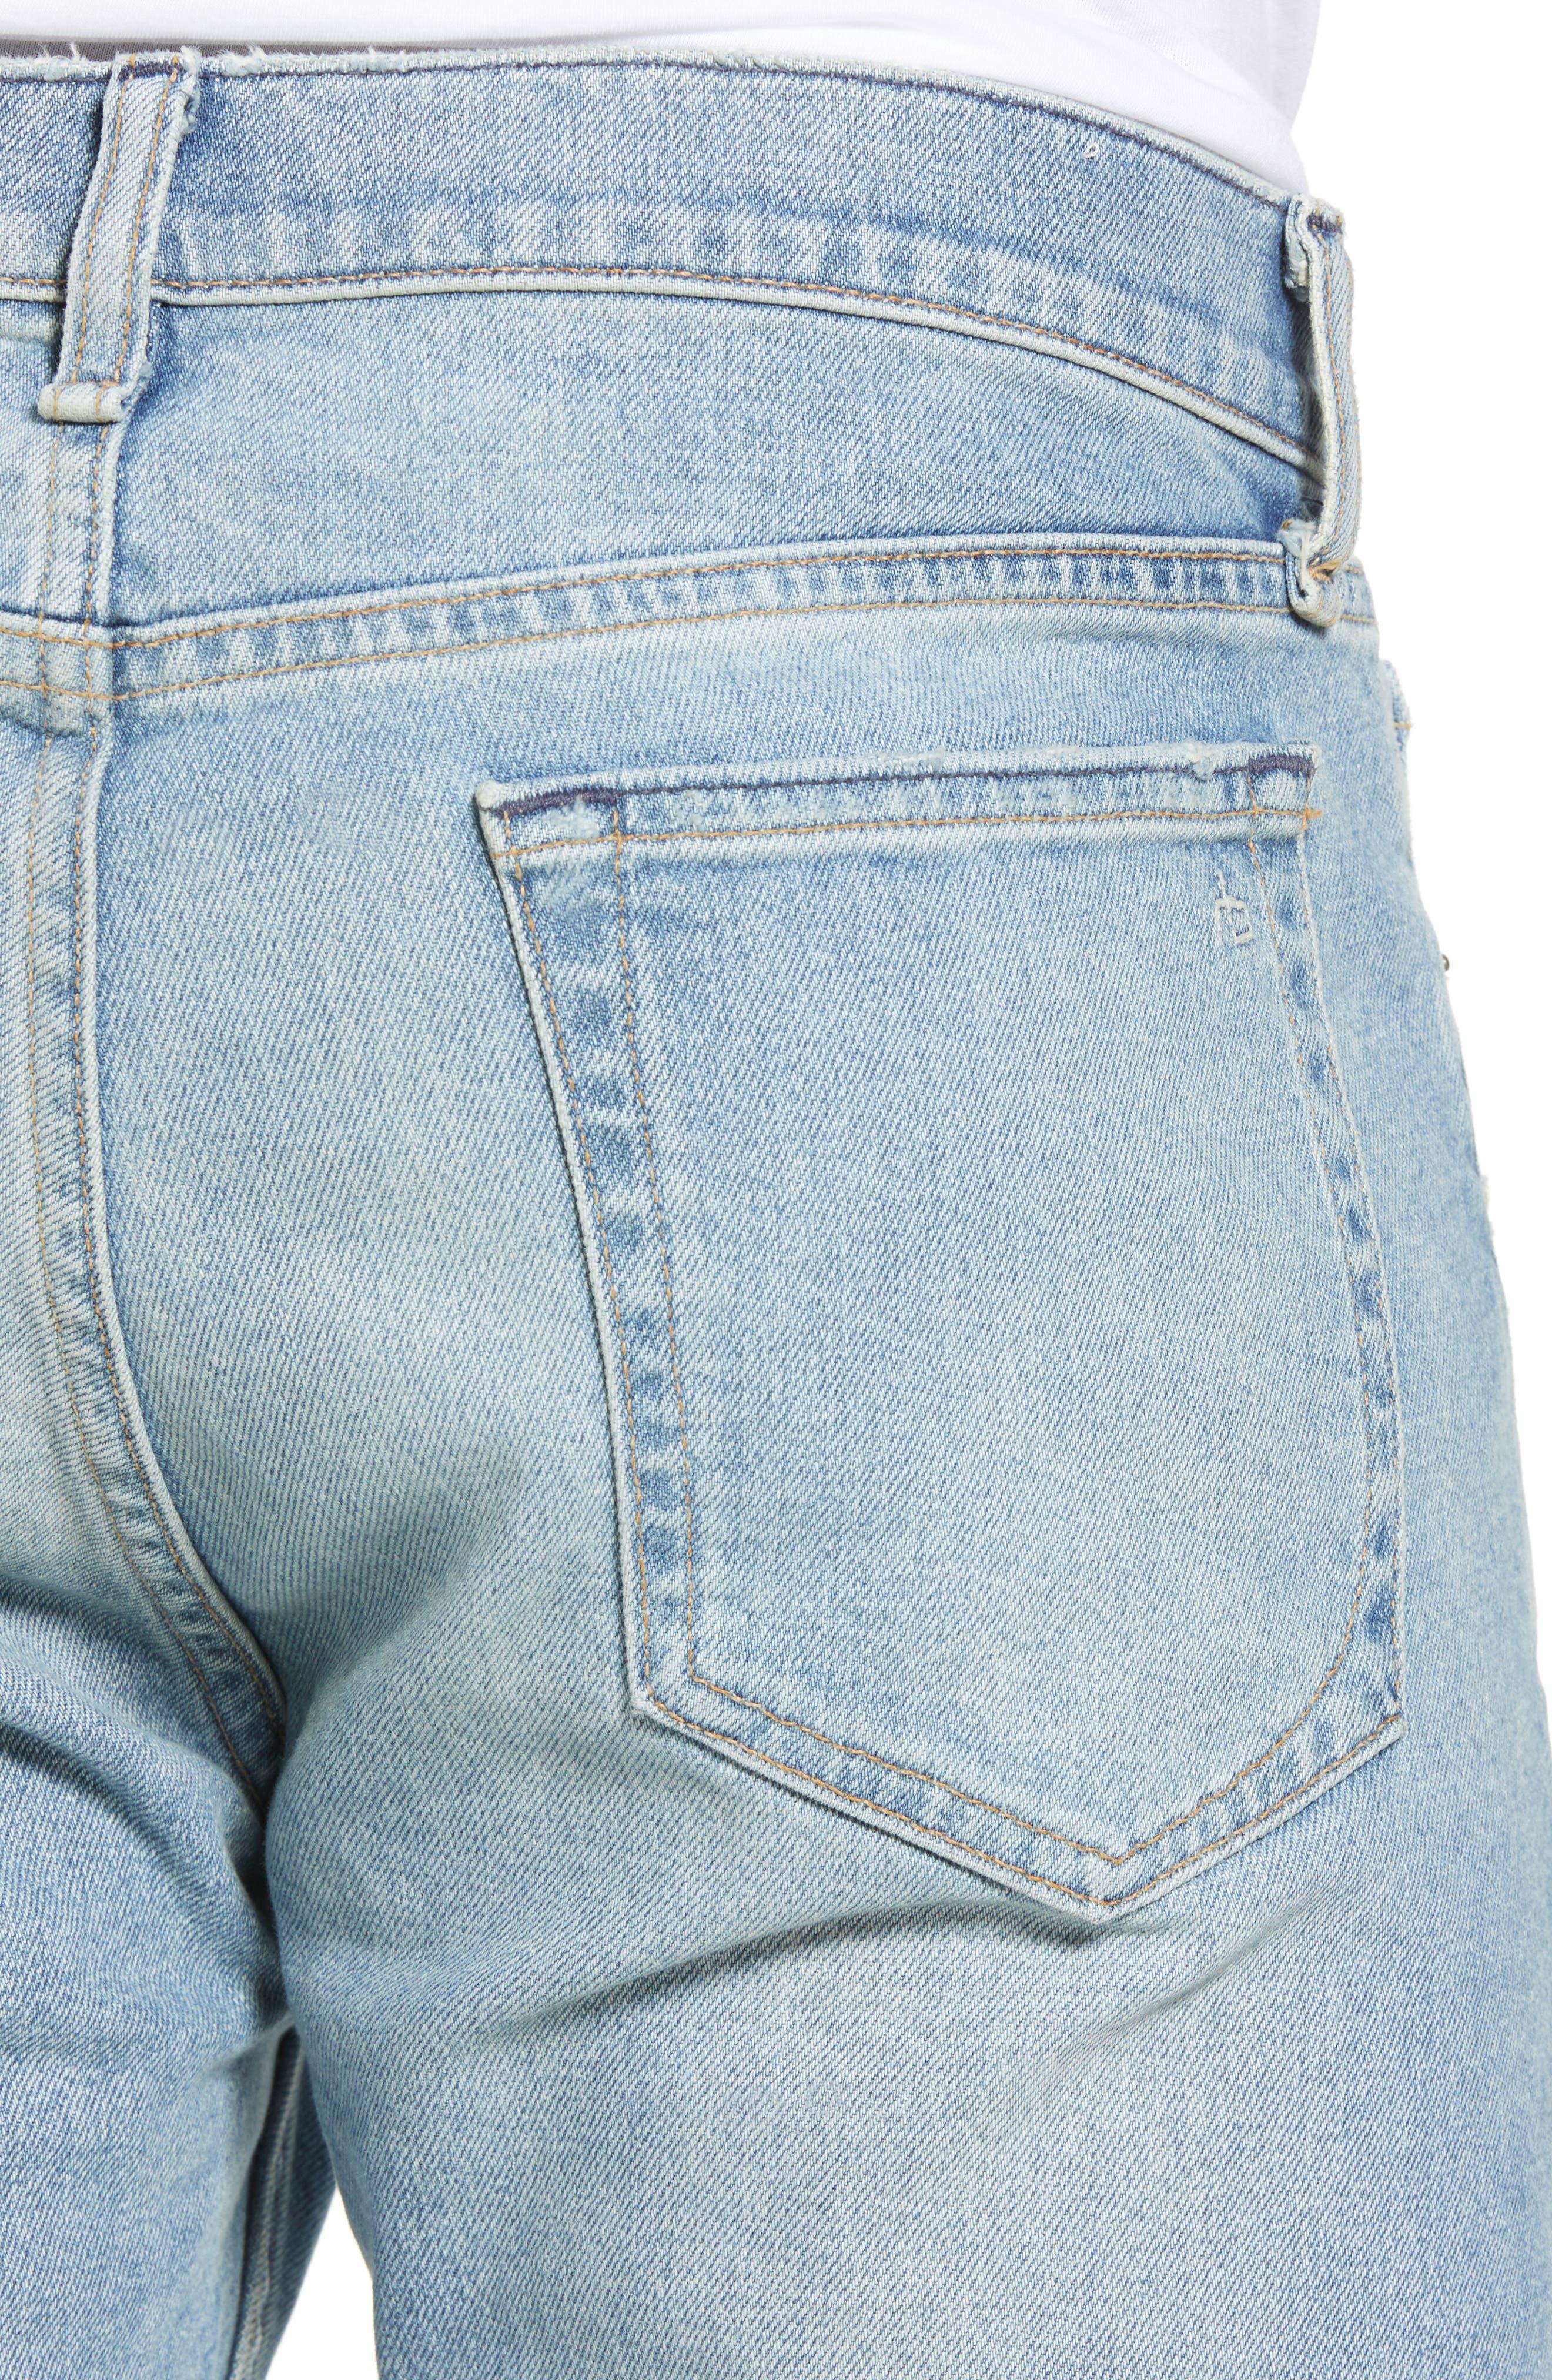 Fit 2 Slim Fit Jeans,                             Alternate thumbnail 4, color,                             400